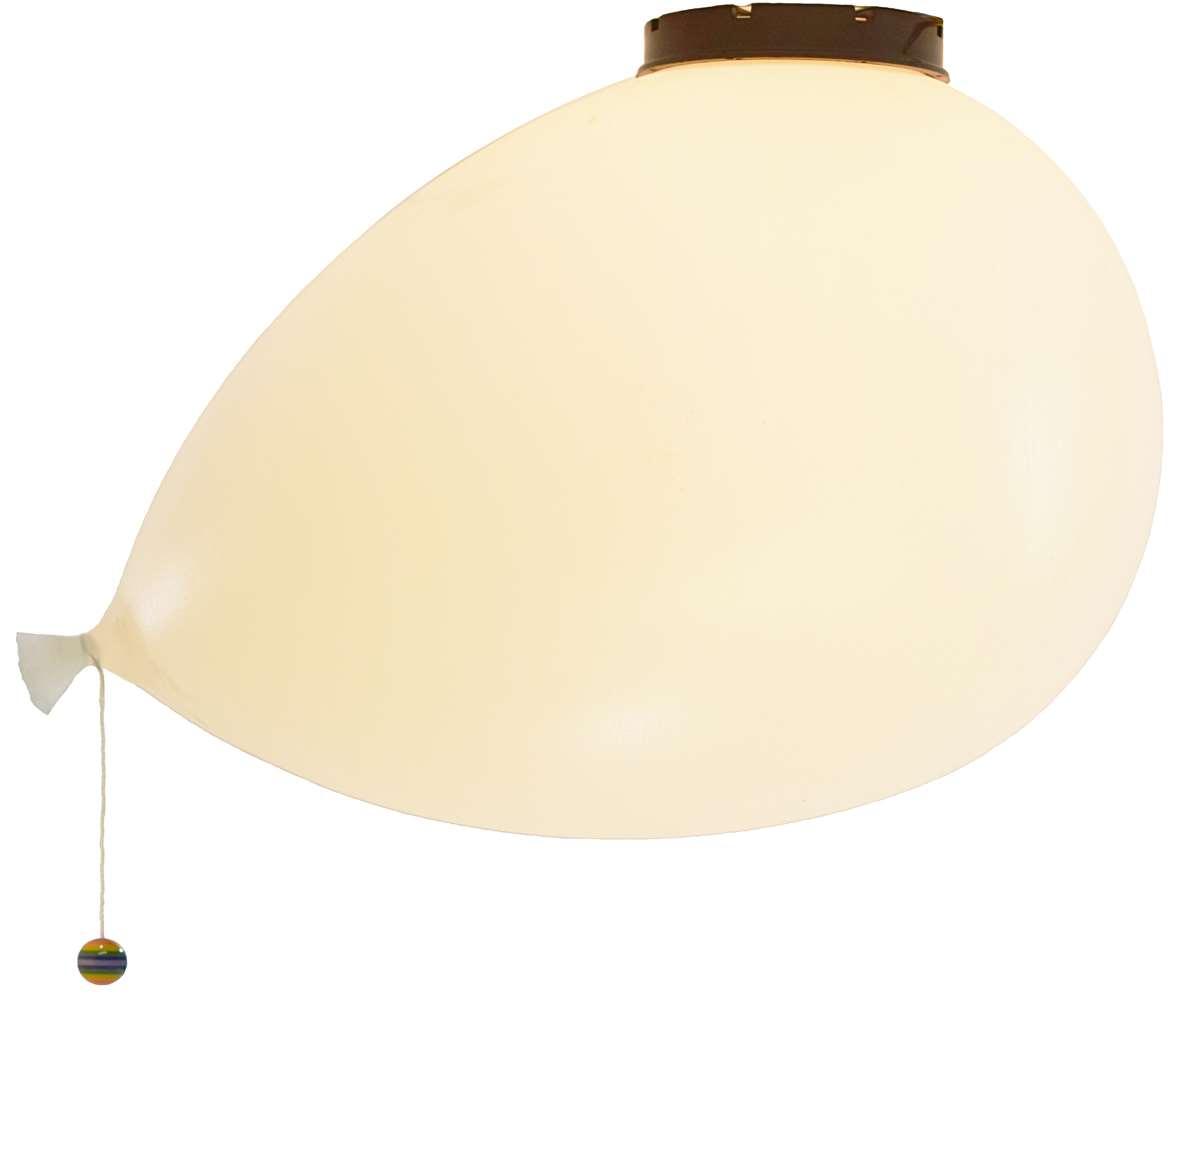 Bilumen Ballon flush mount balloon design: Yves Christin white plastic 1980s 1990s polyethylene wall lamp